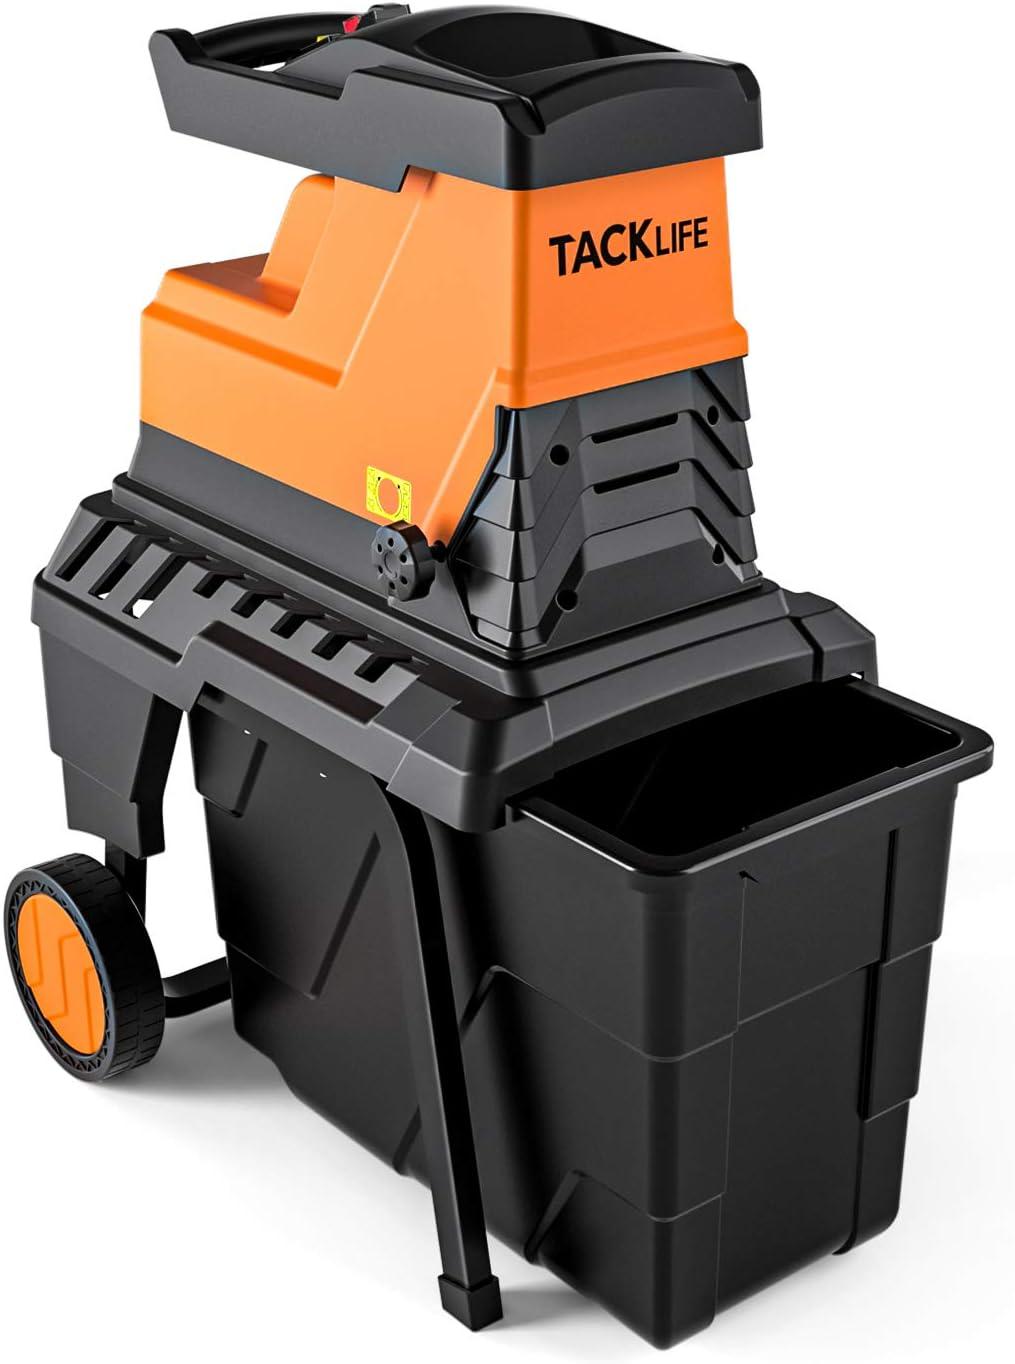 takee Biotrituratore de jardín Tacklife, Potencia de 2800 W, Capacidad de Corte máxima de 45 mm, Caja de recolección de 60 litros, Motor silencioso de inducción, 2 años de garantía PWS01A